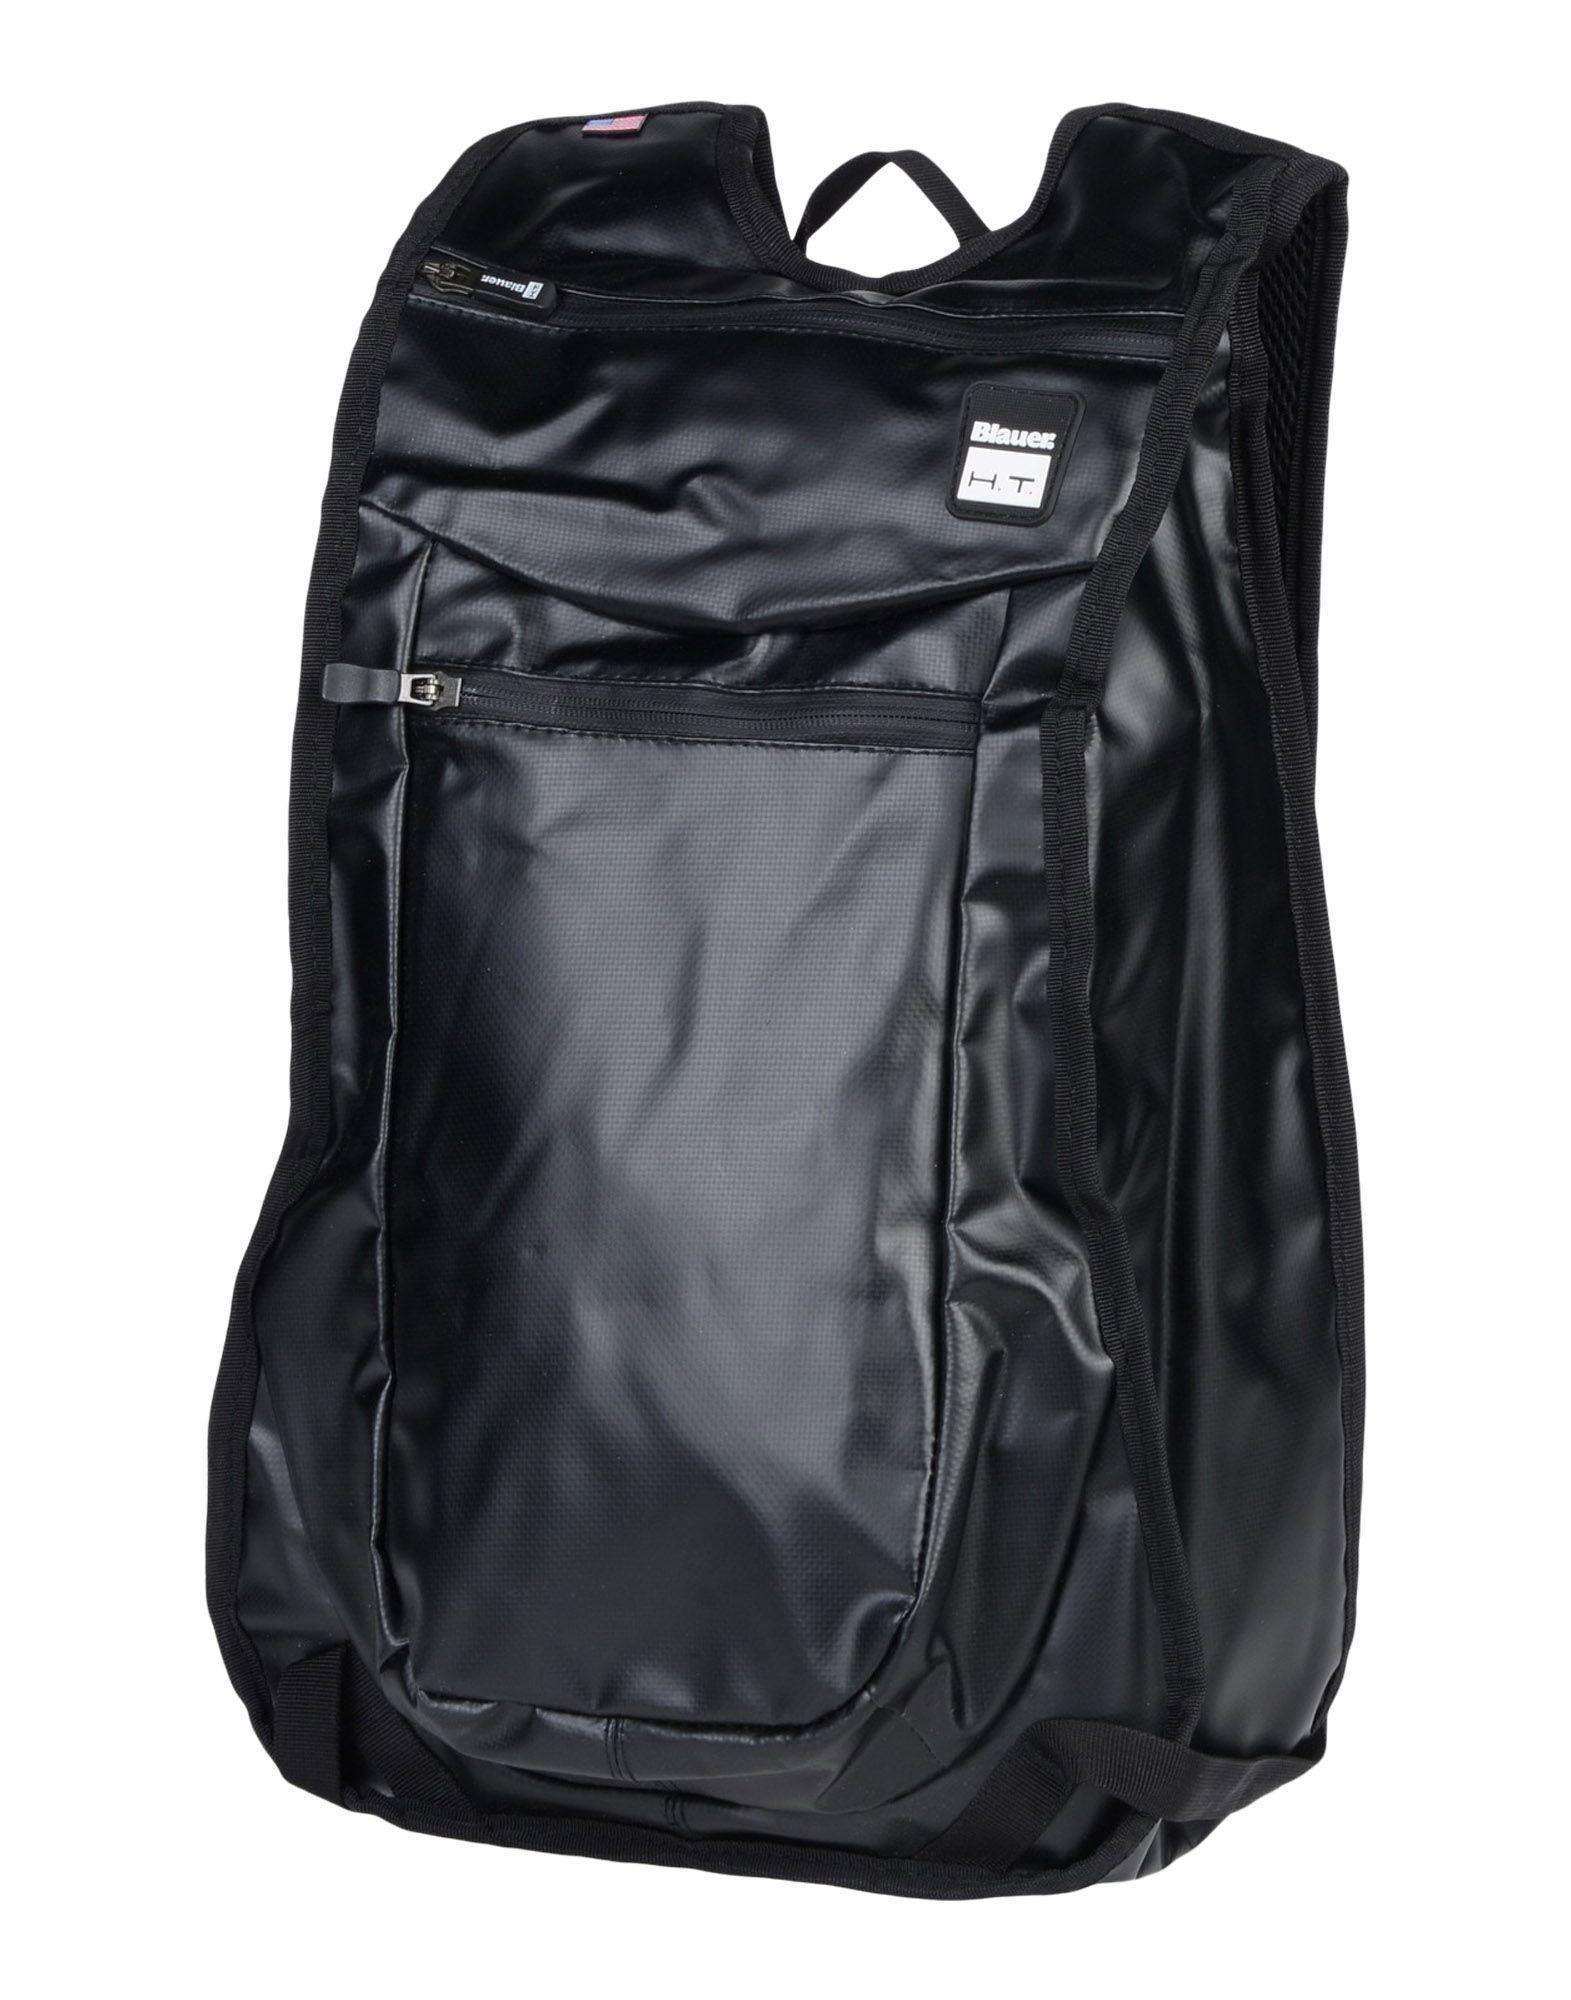 《送料無料》BLAUER. H.T. メンズ バックパック&ヒップバッグ ブラック ポリ塩化ビニル 80% / ポリエステル 20%